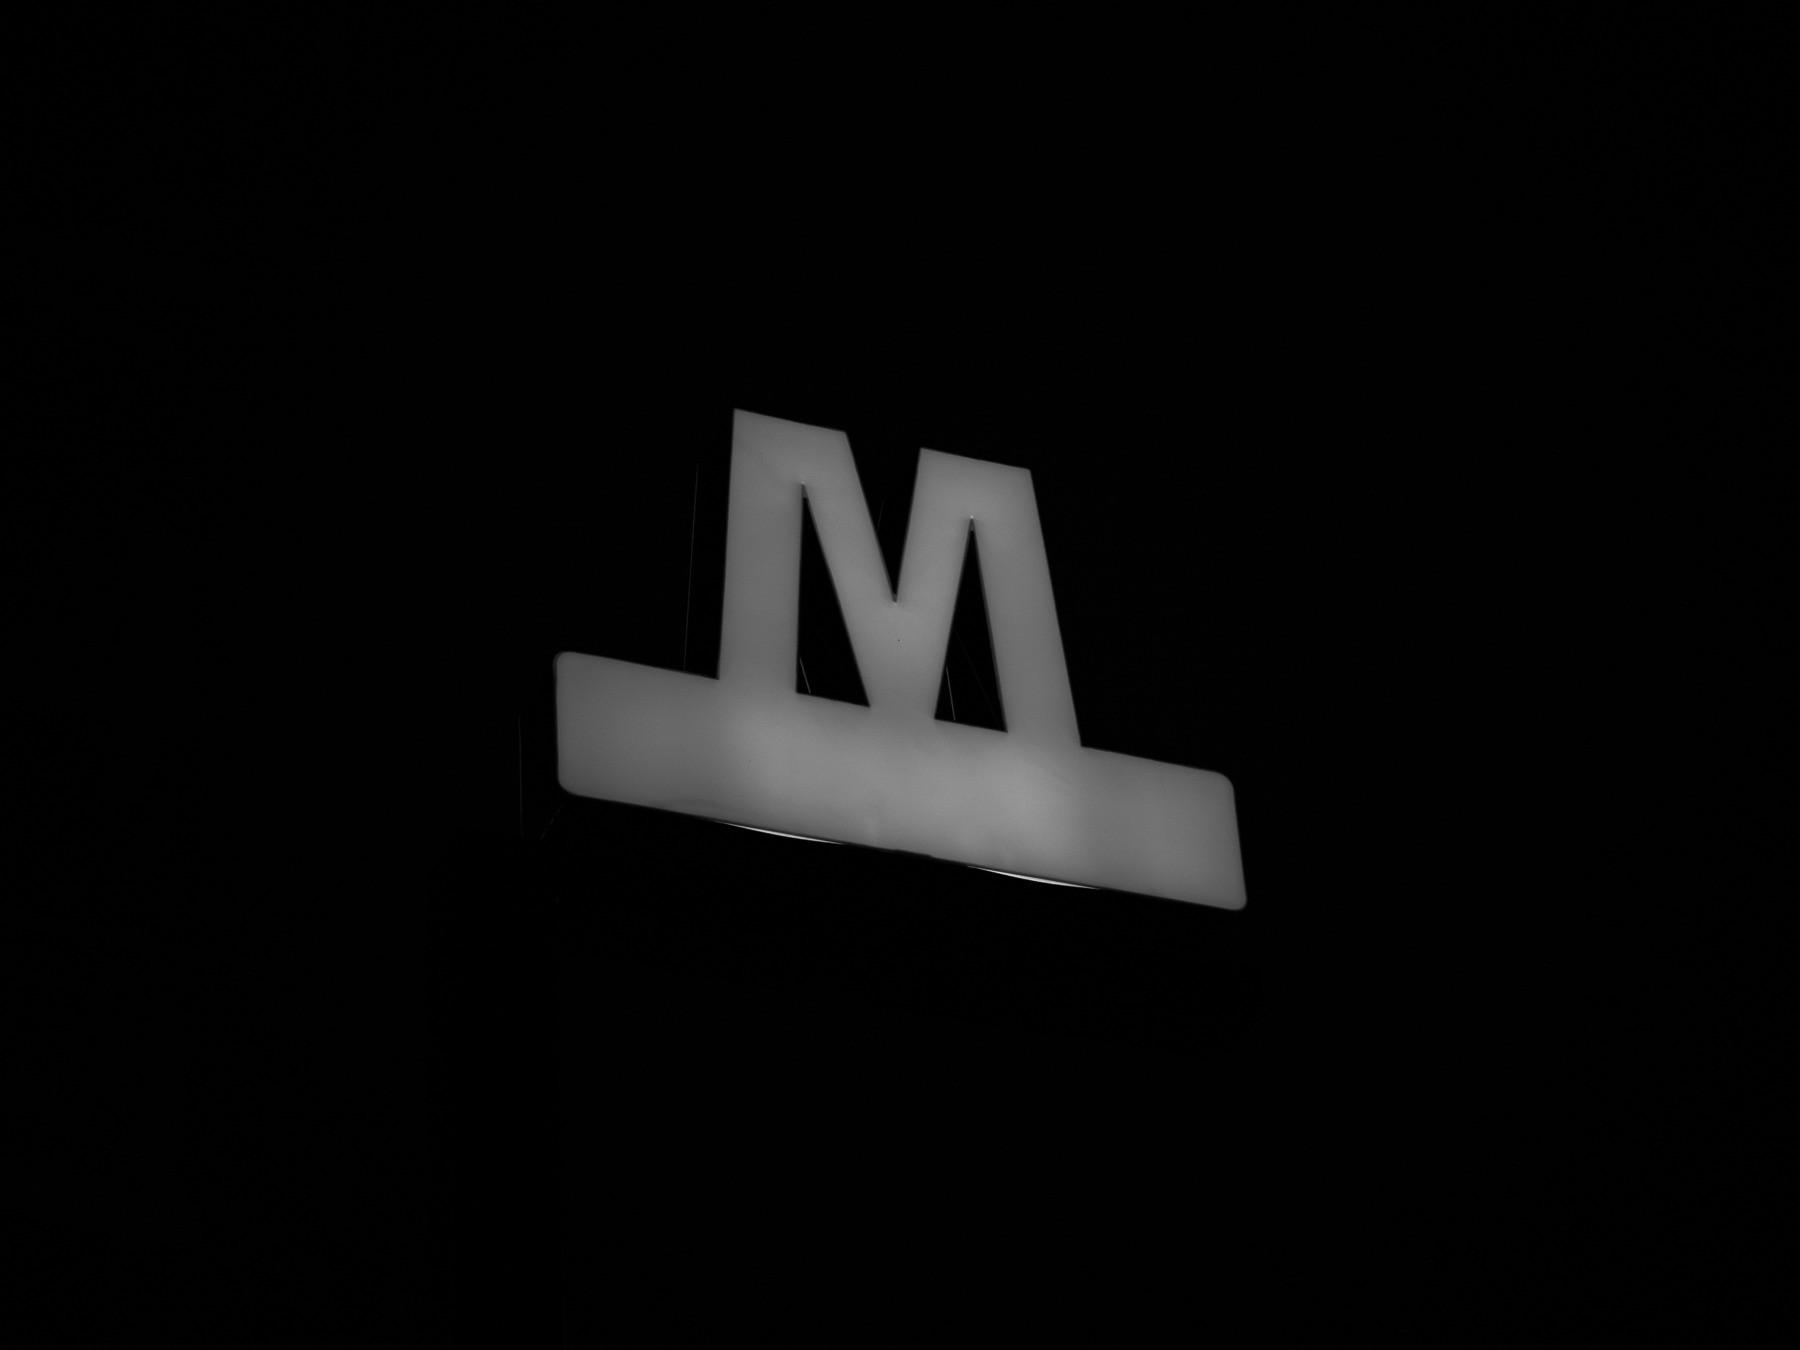 Skilt til Marmorkiken metrostation